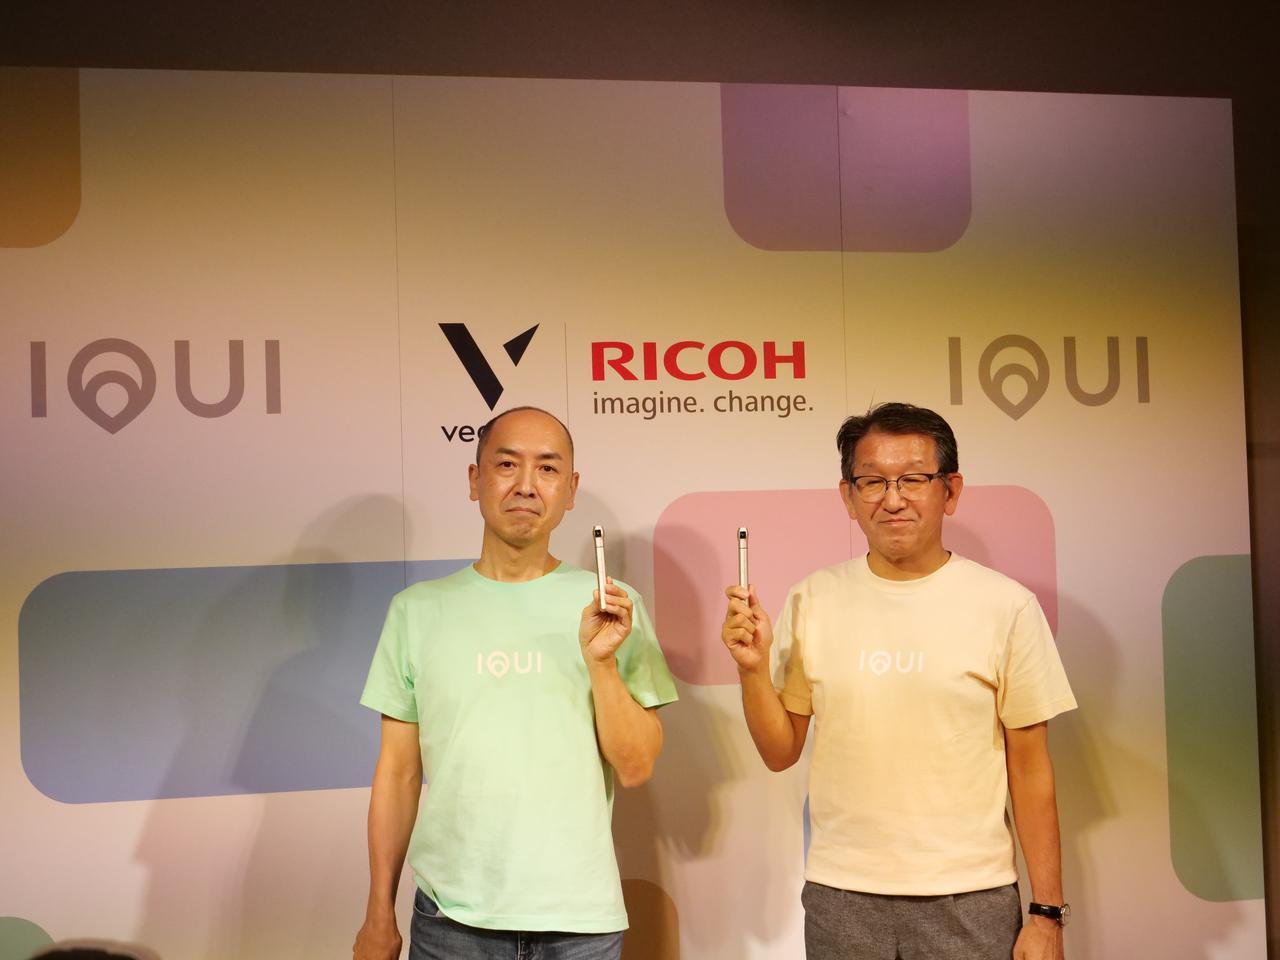 画像: ▲IQUIを手にするベクノスCEOの生方秀直氏(左)とリコー社長の山下良則氏。